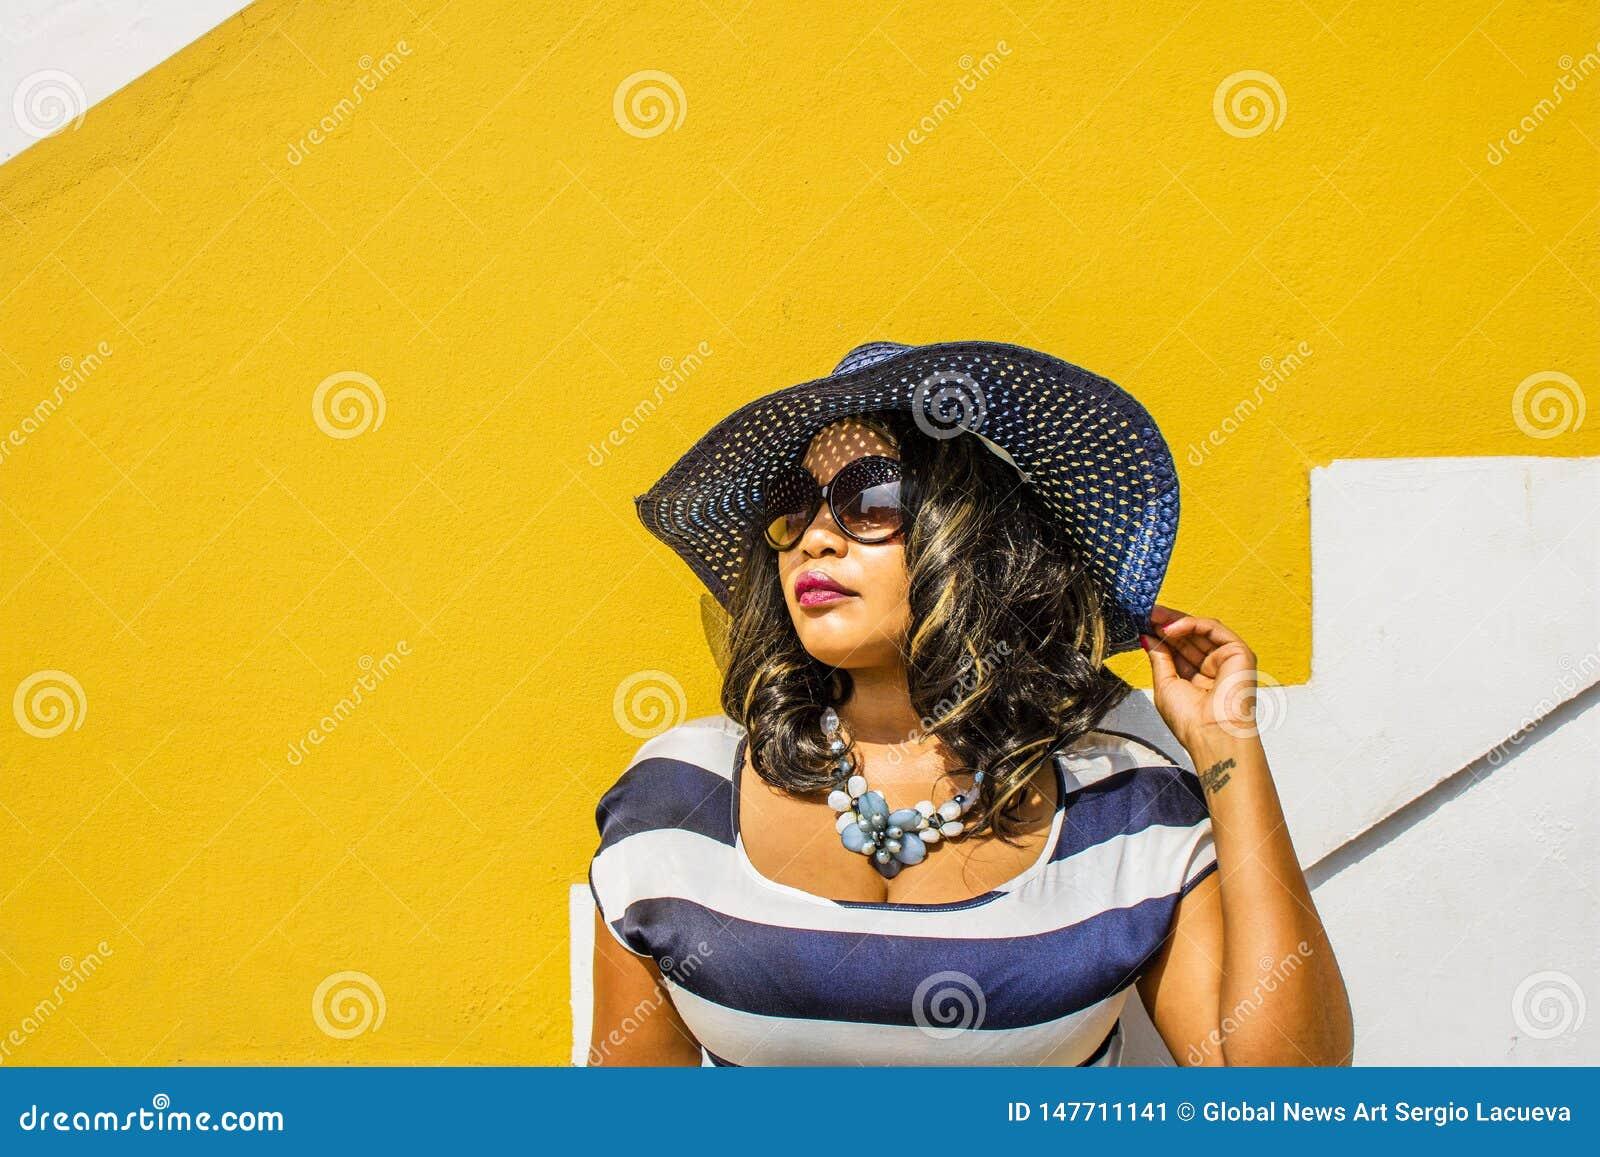 Una bella donna africana in un vestito a strisce blu e bianco che modella davanti ad una casa tradizionale BO-Kaap con le pareti